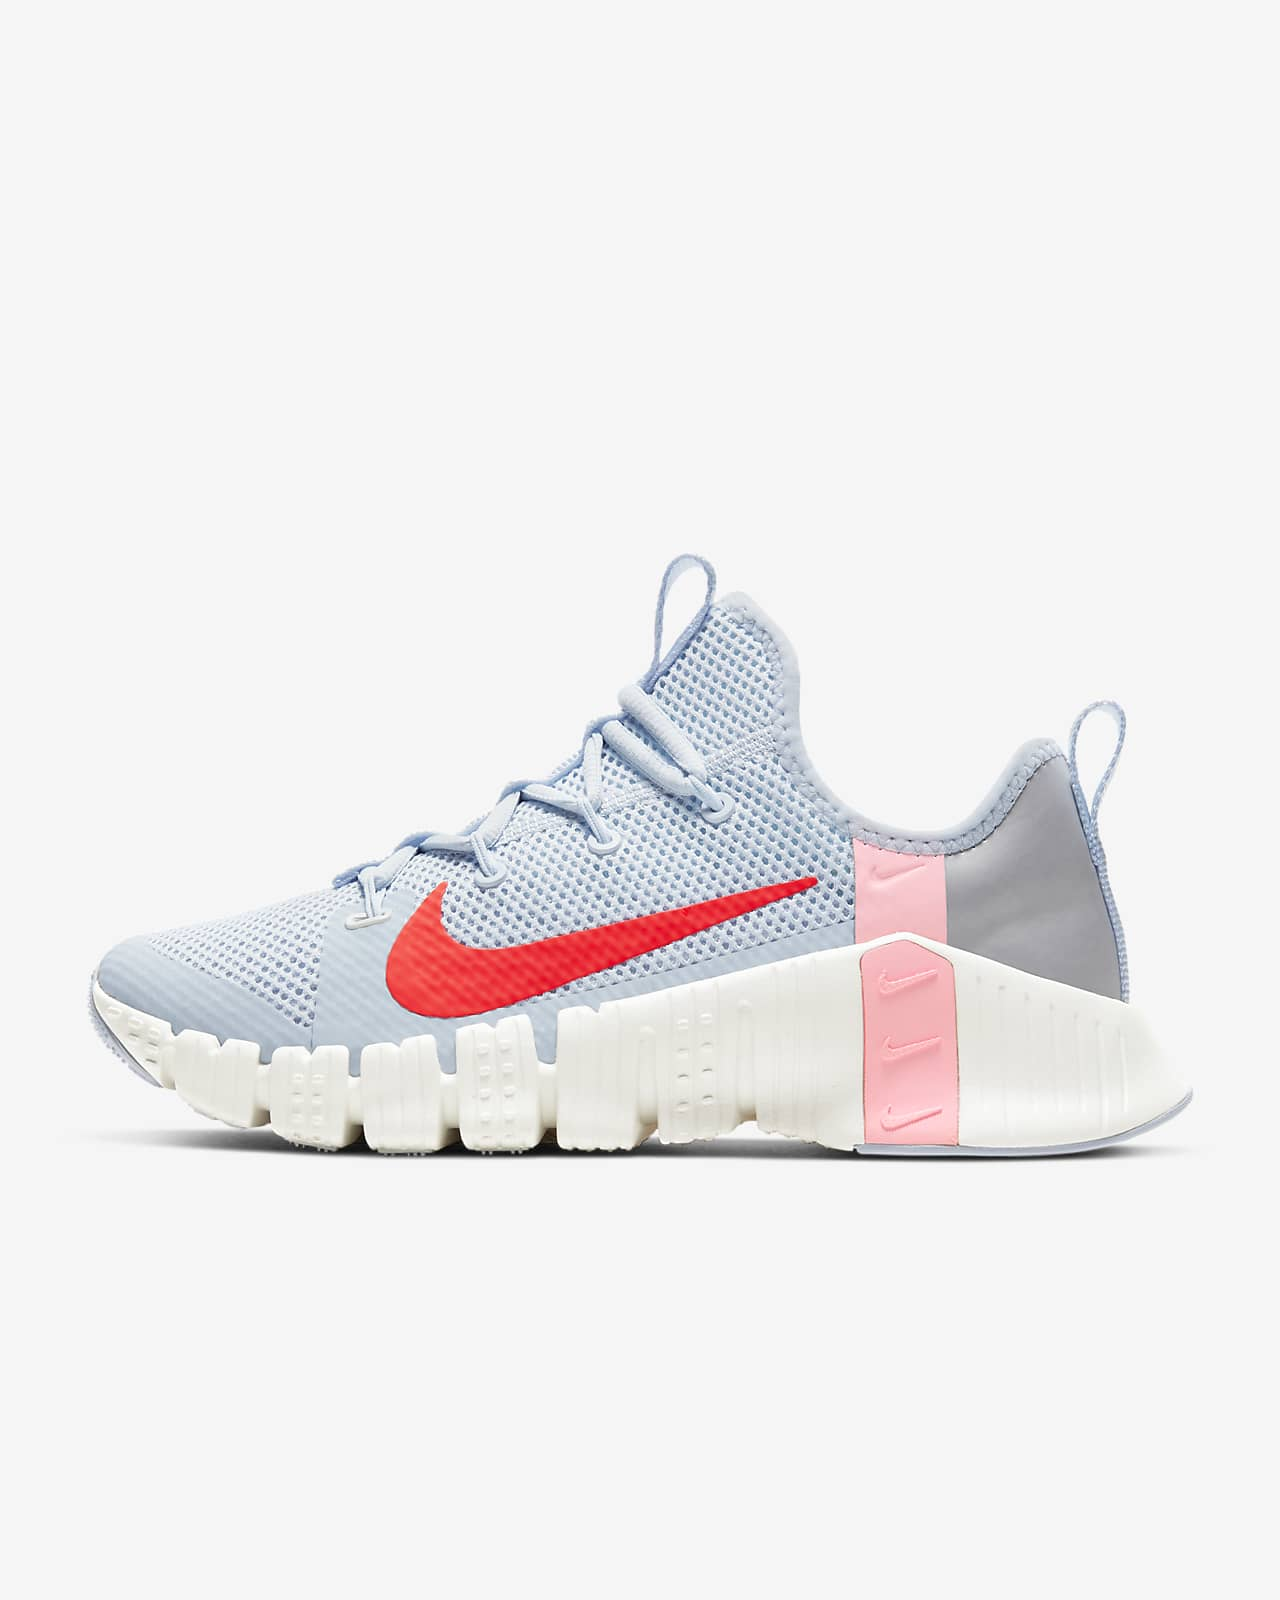 รองเท้าเทรนนิ่งผู้หญิง Nike Free Metcon 3